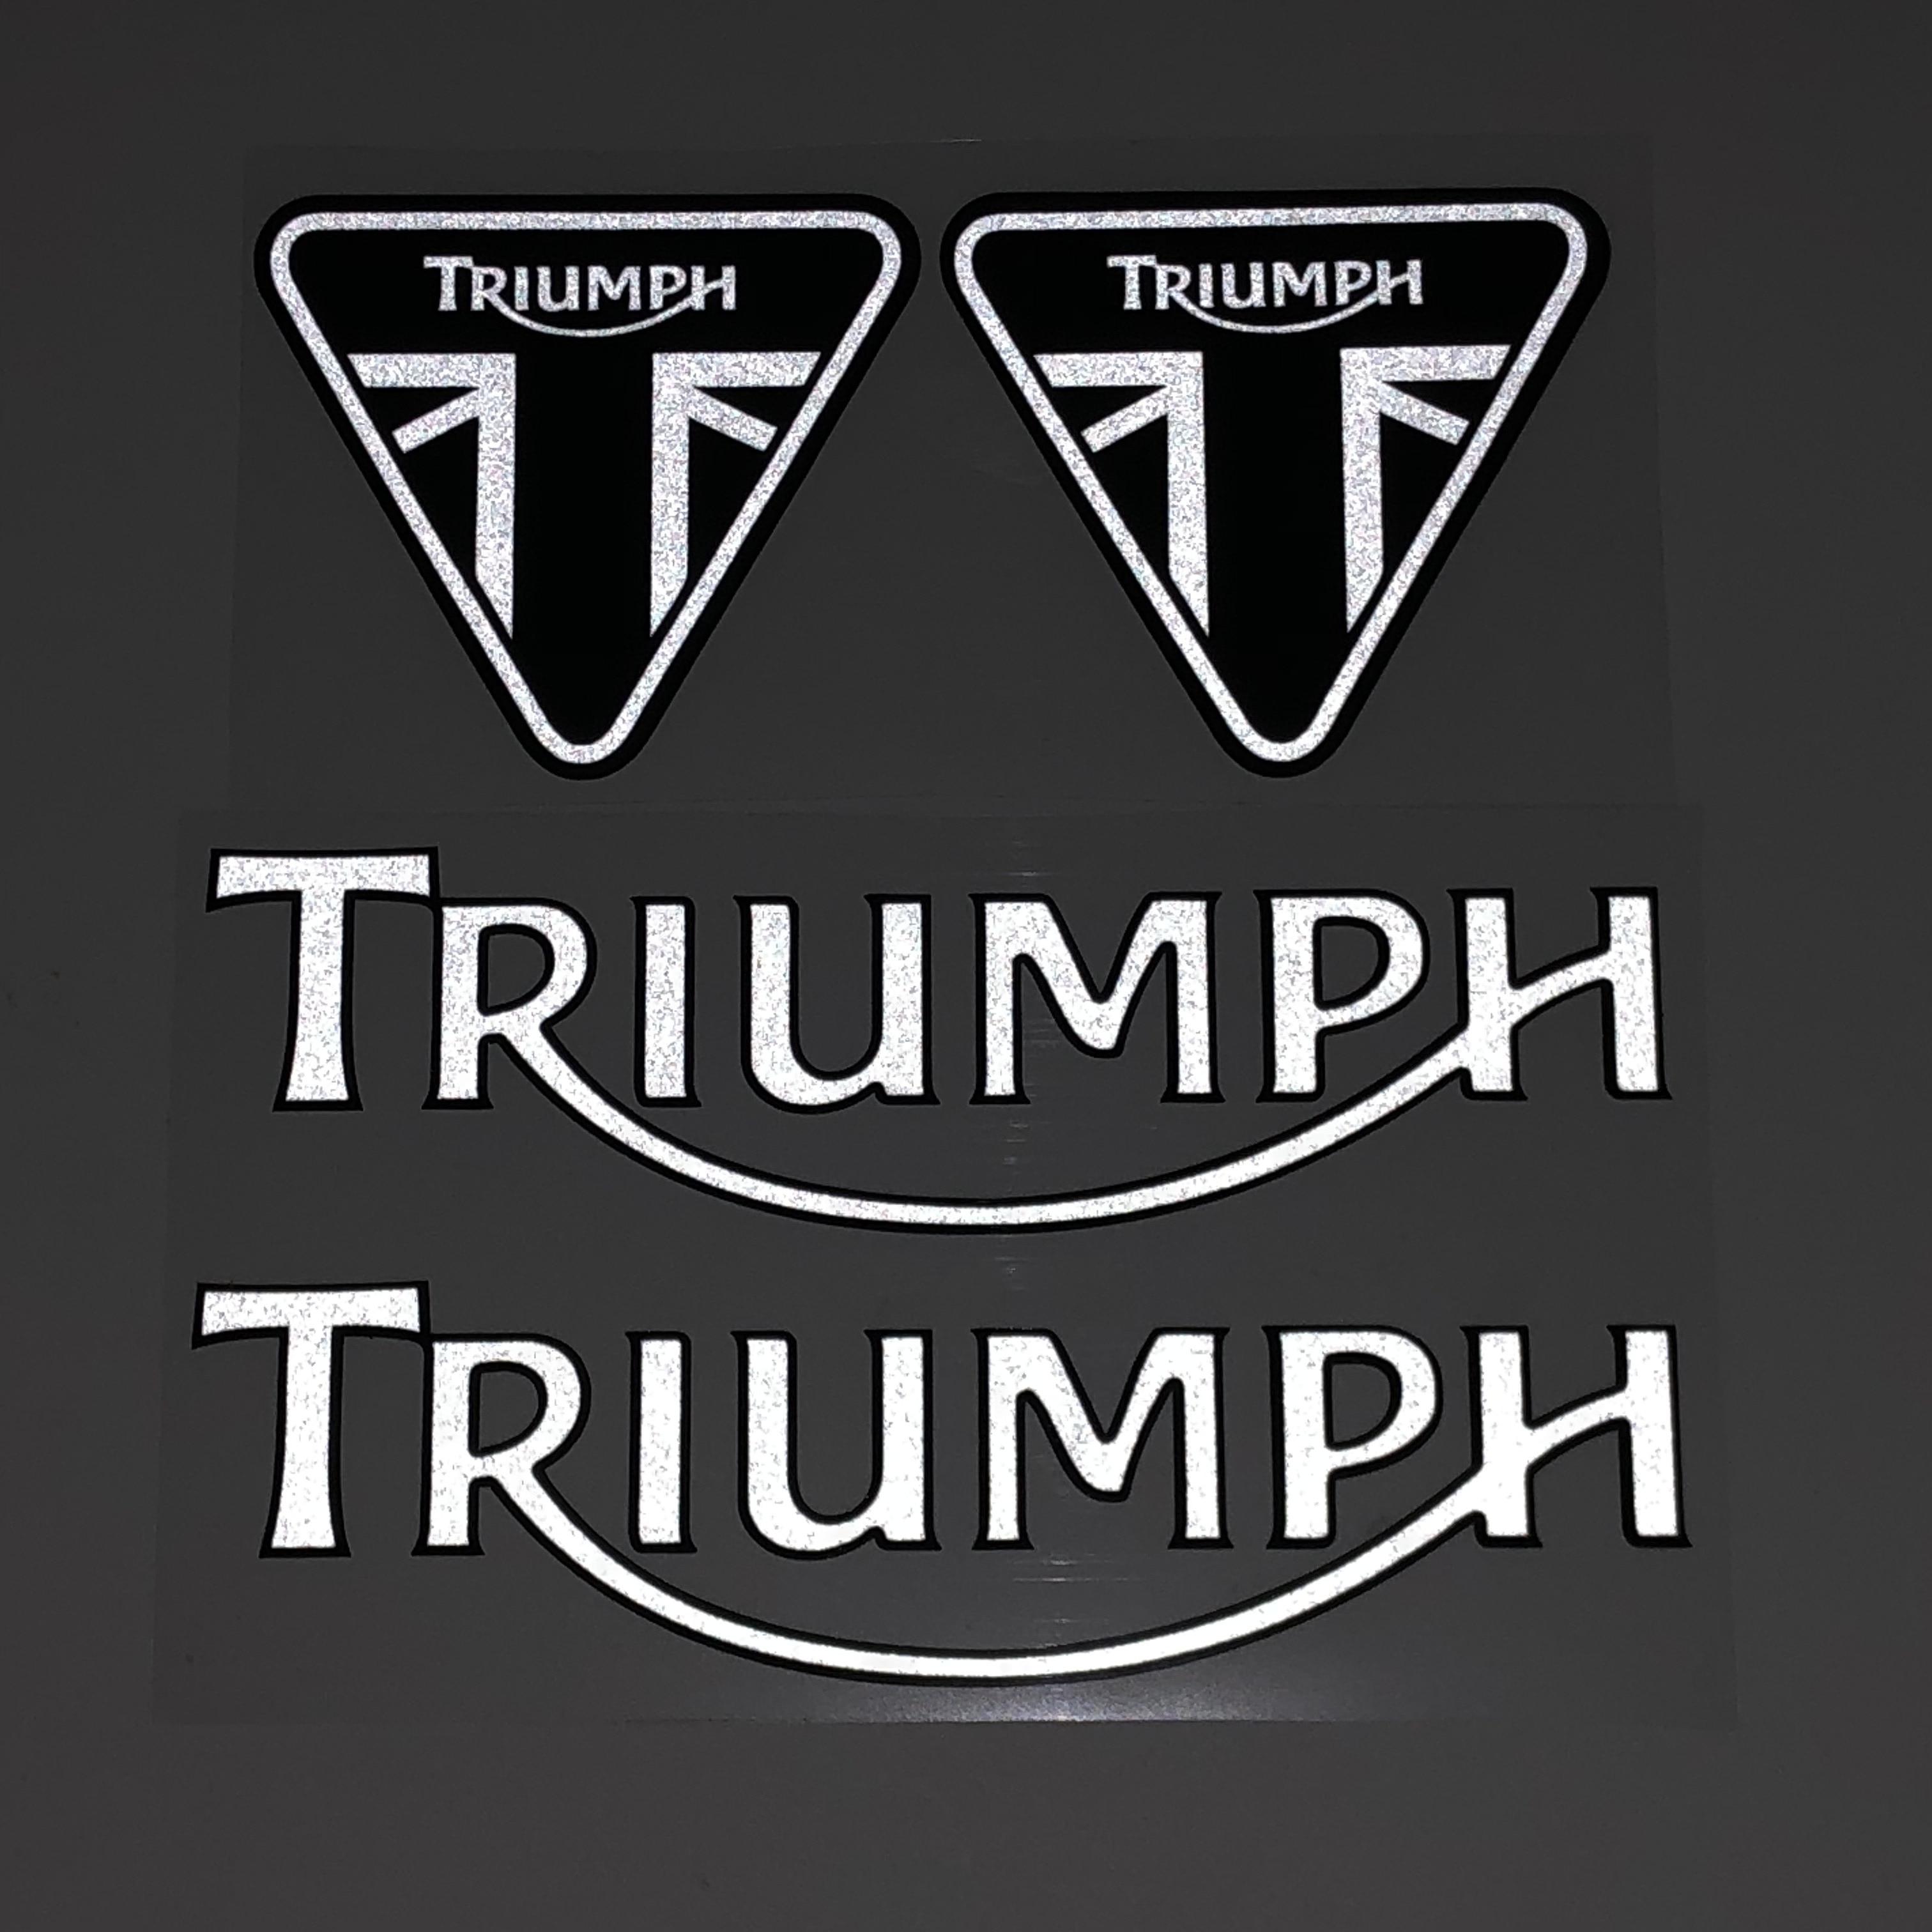 Для Шлем «Триумф» мотоцикл топливный бак Наклейка Светоотражающая наклейка на машину наклейка подходит для триумфа логотип